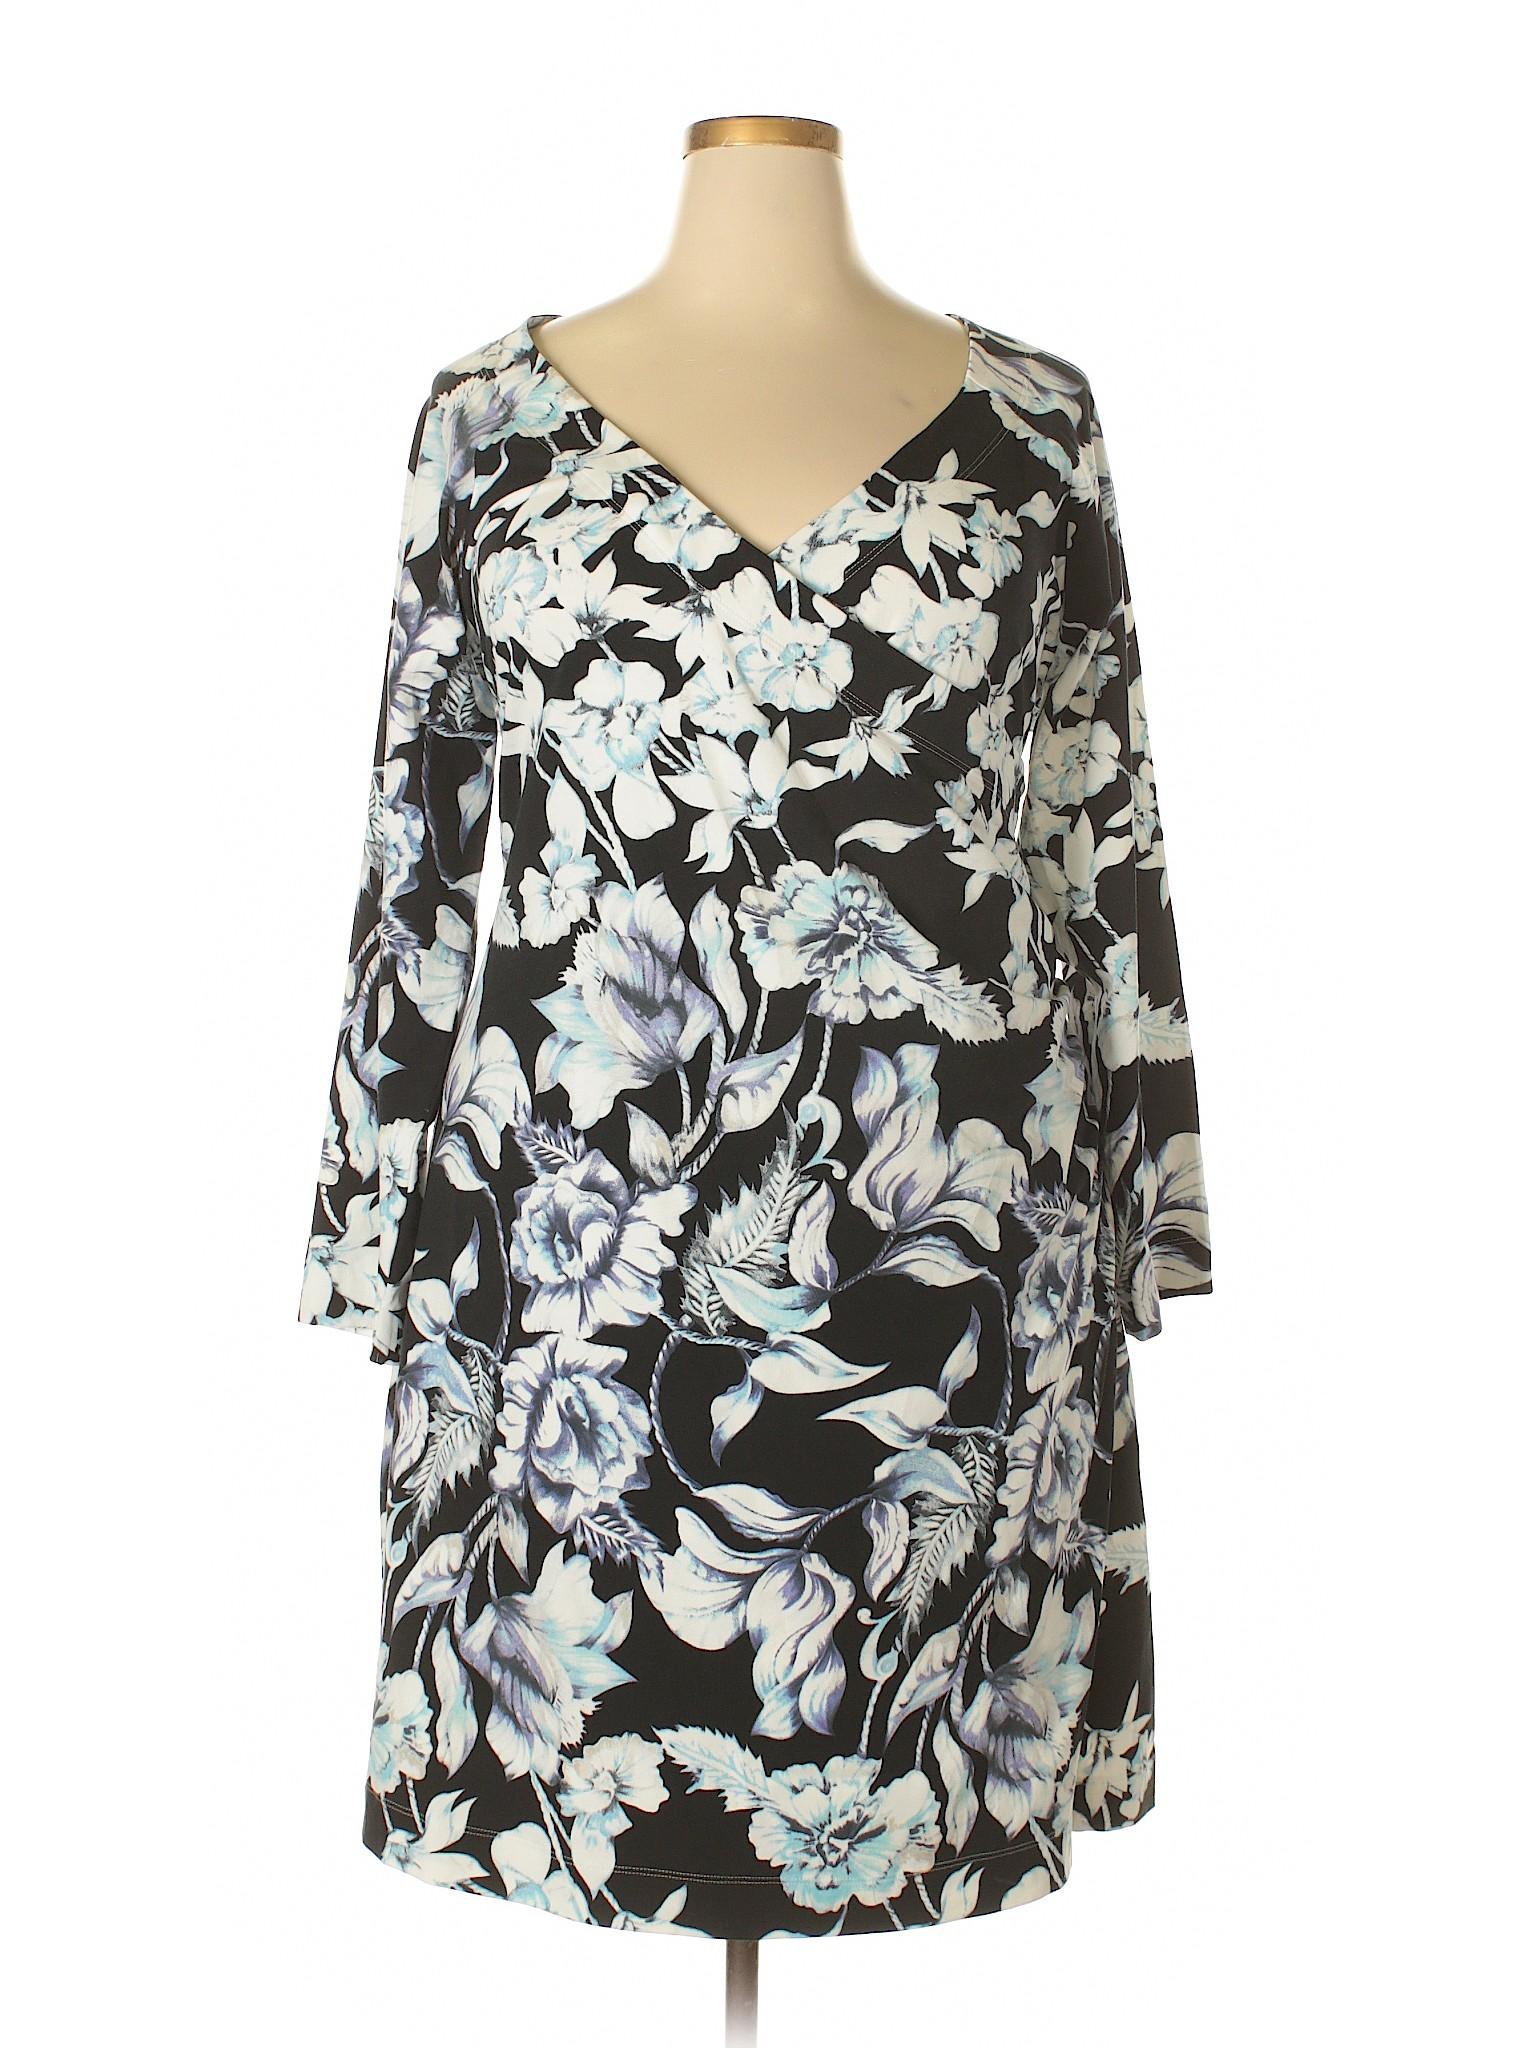 Dress winter Surroundings Soft Casual Boutique wzU0IAq0